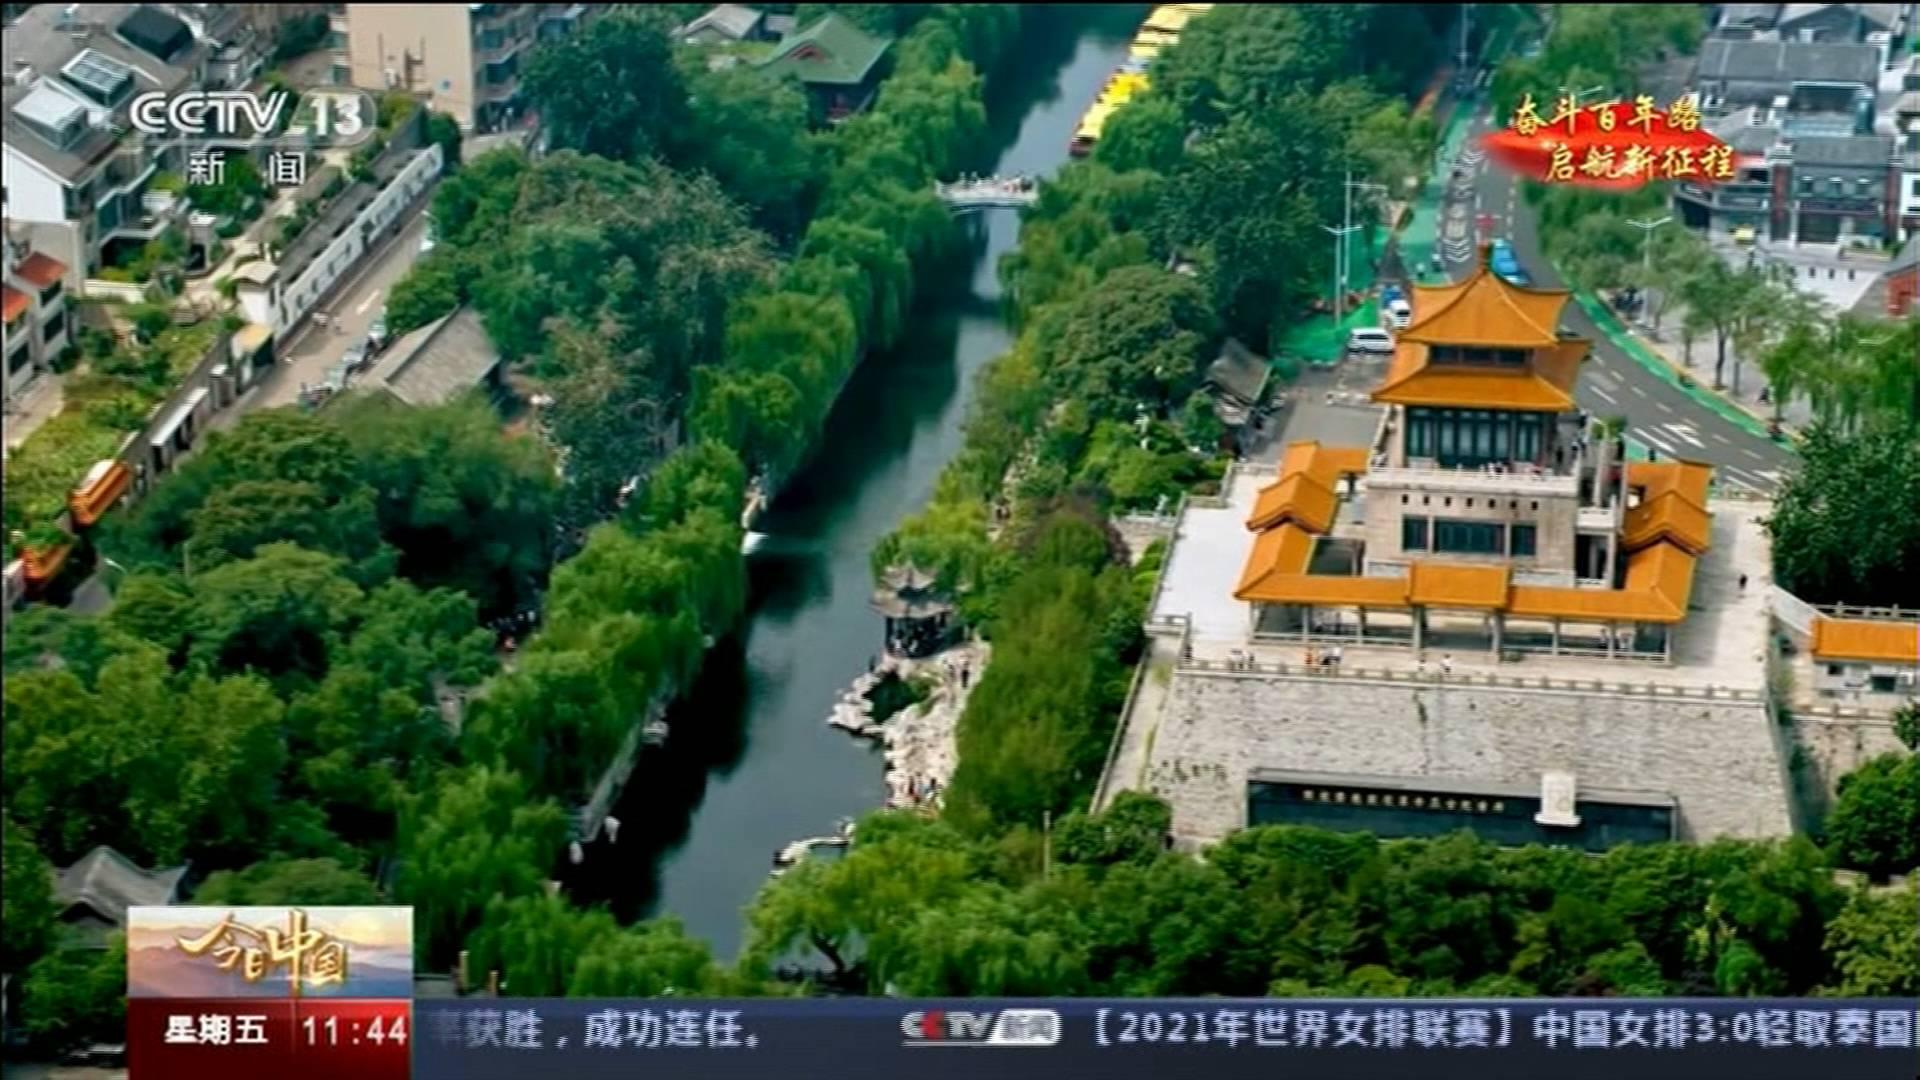 今日中国·山东篇丨济南解放阁:探寻红色记忆感受城市荣光